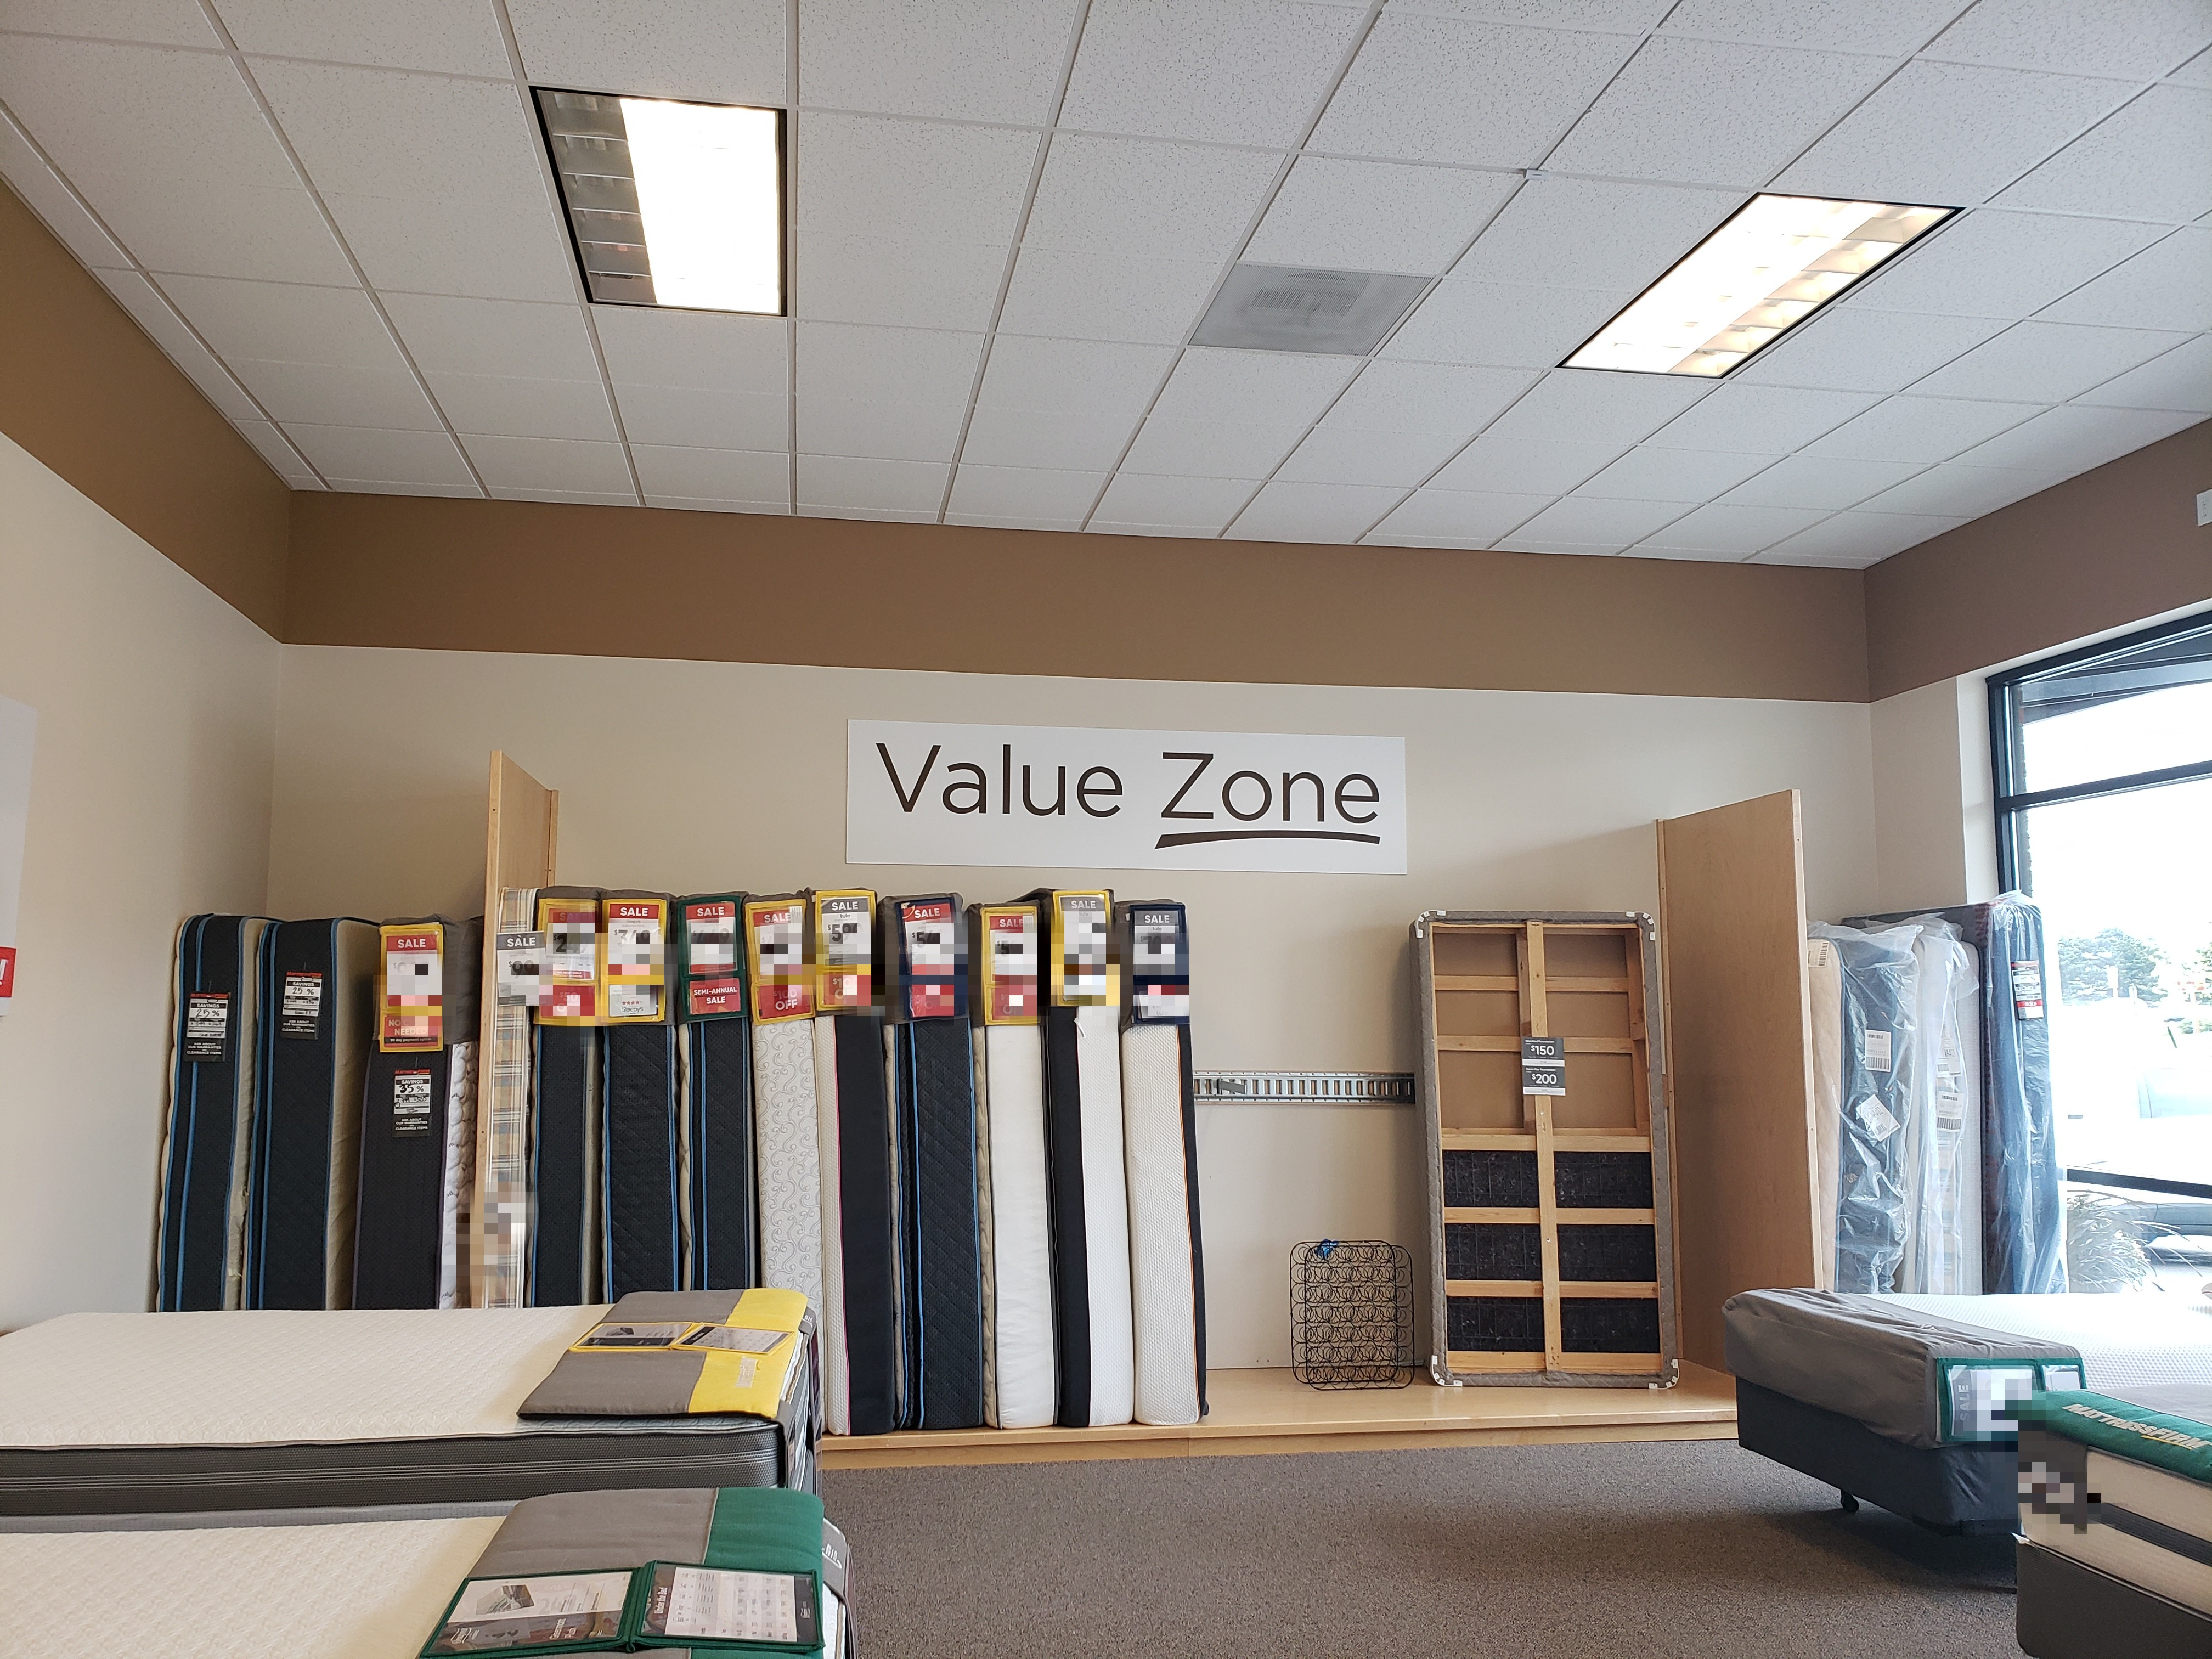 Mattress Firm Jantzen Beach Center image 0